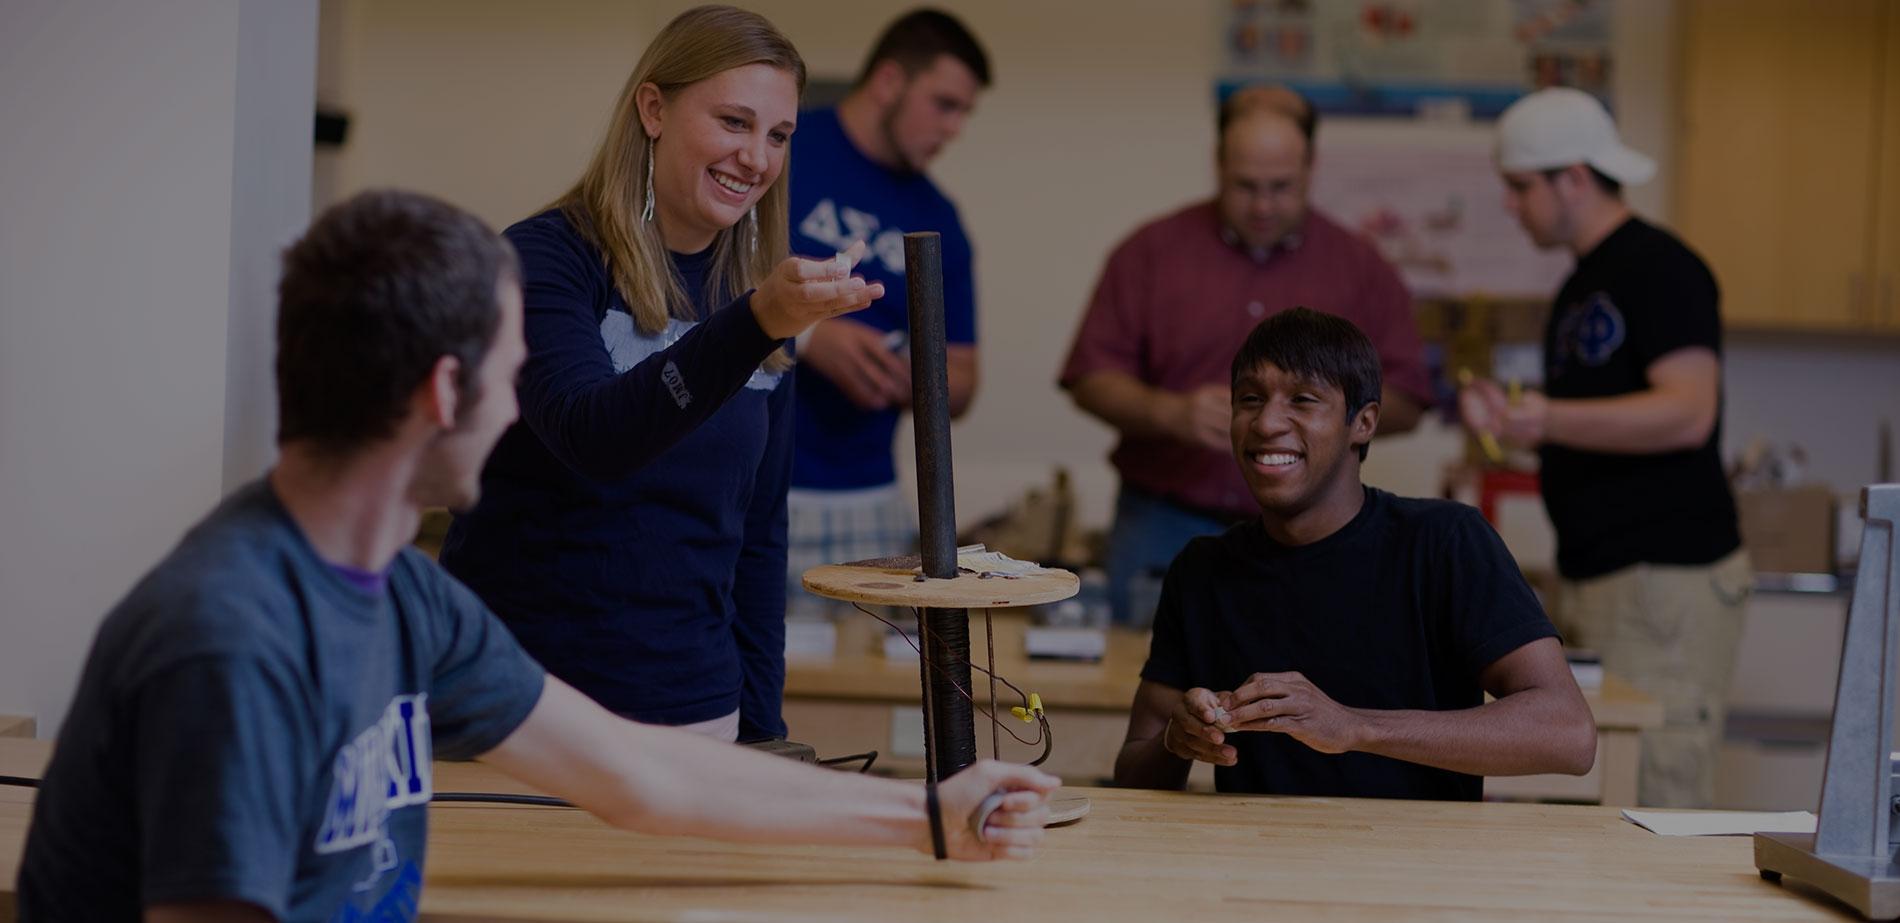 Millikin University students at a physics laboratory.